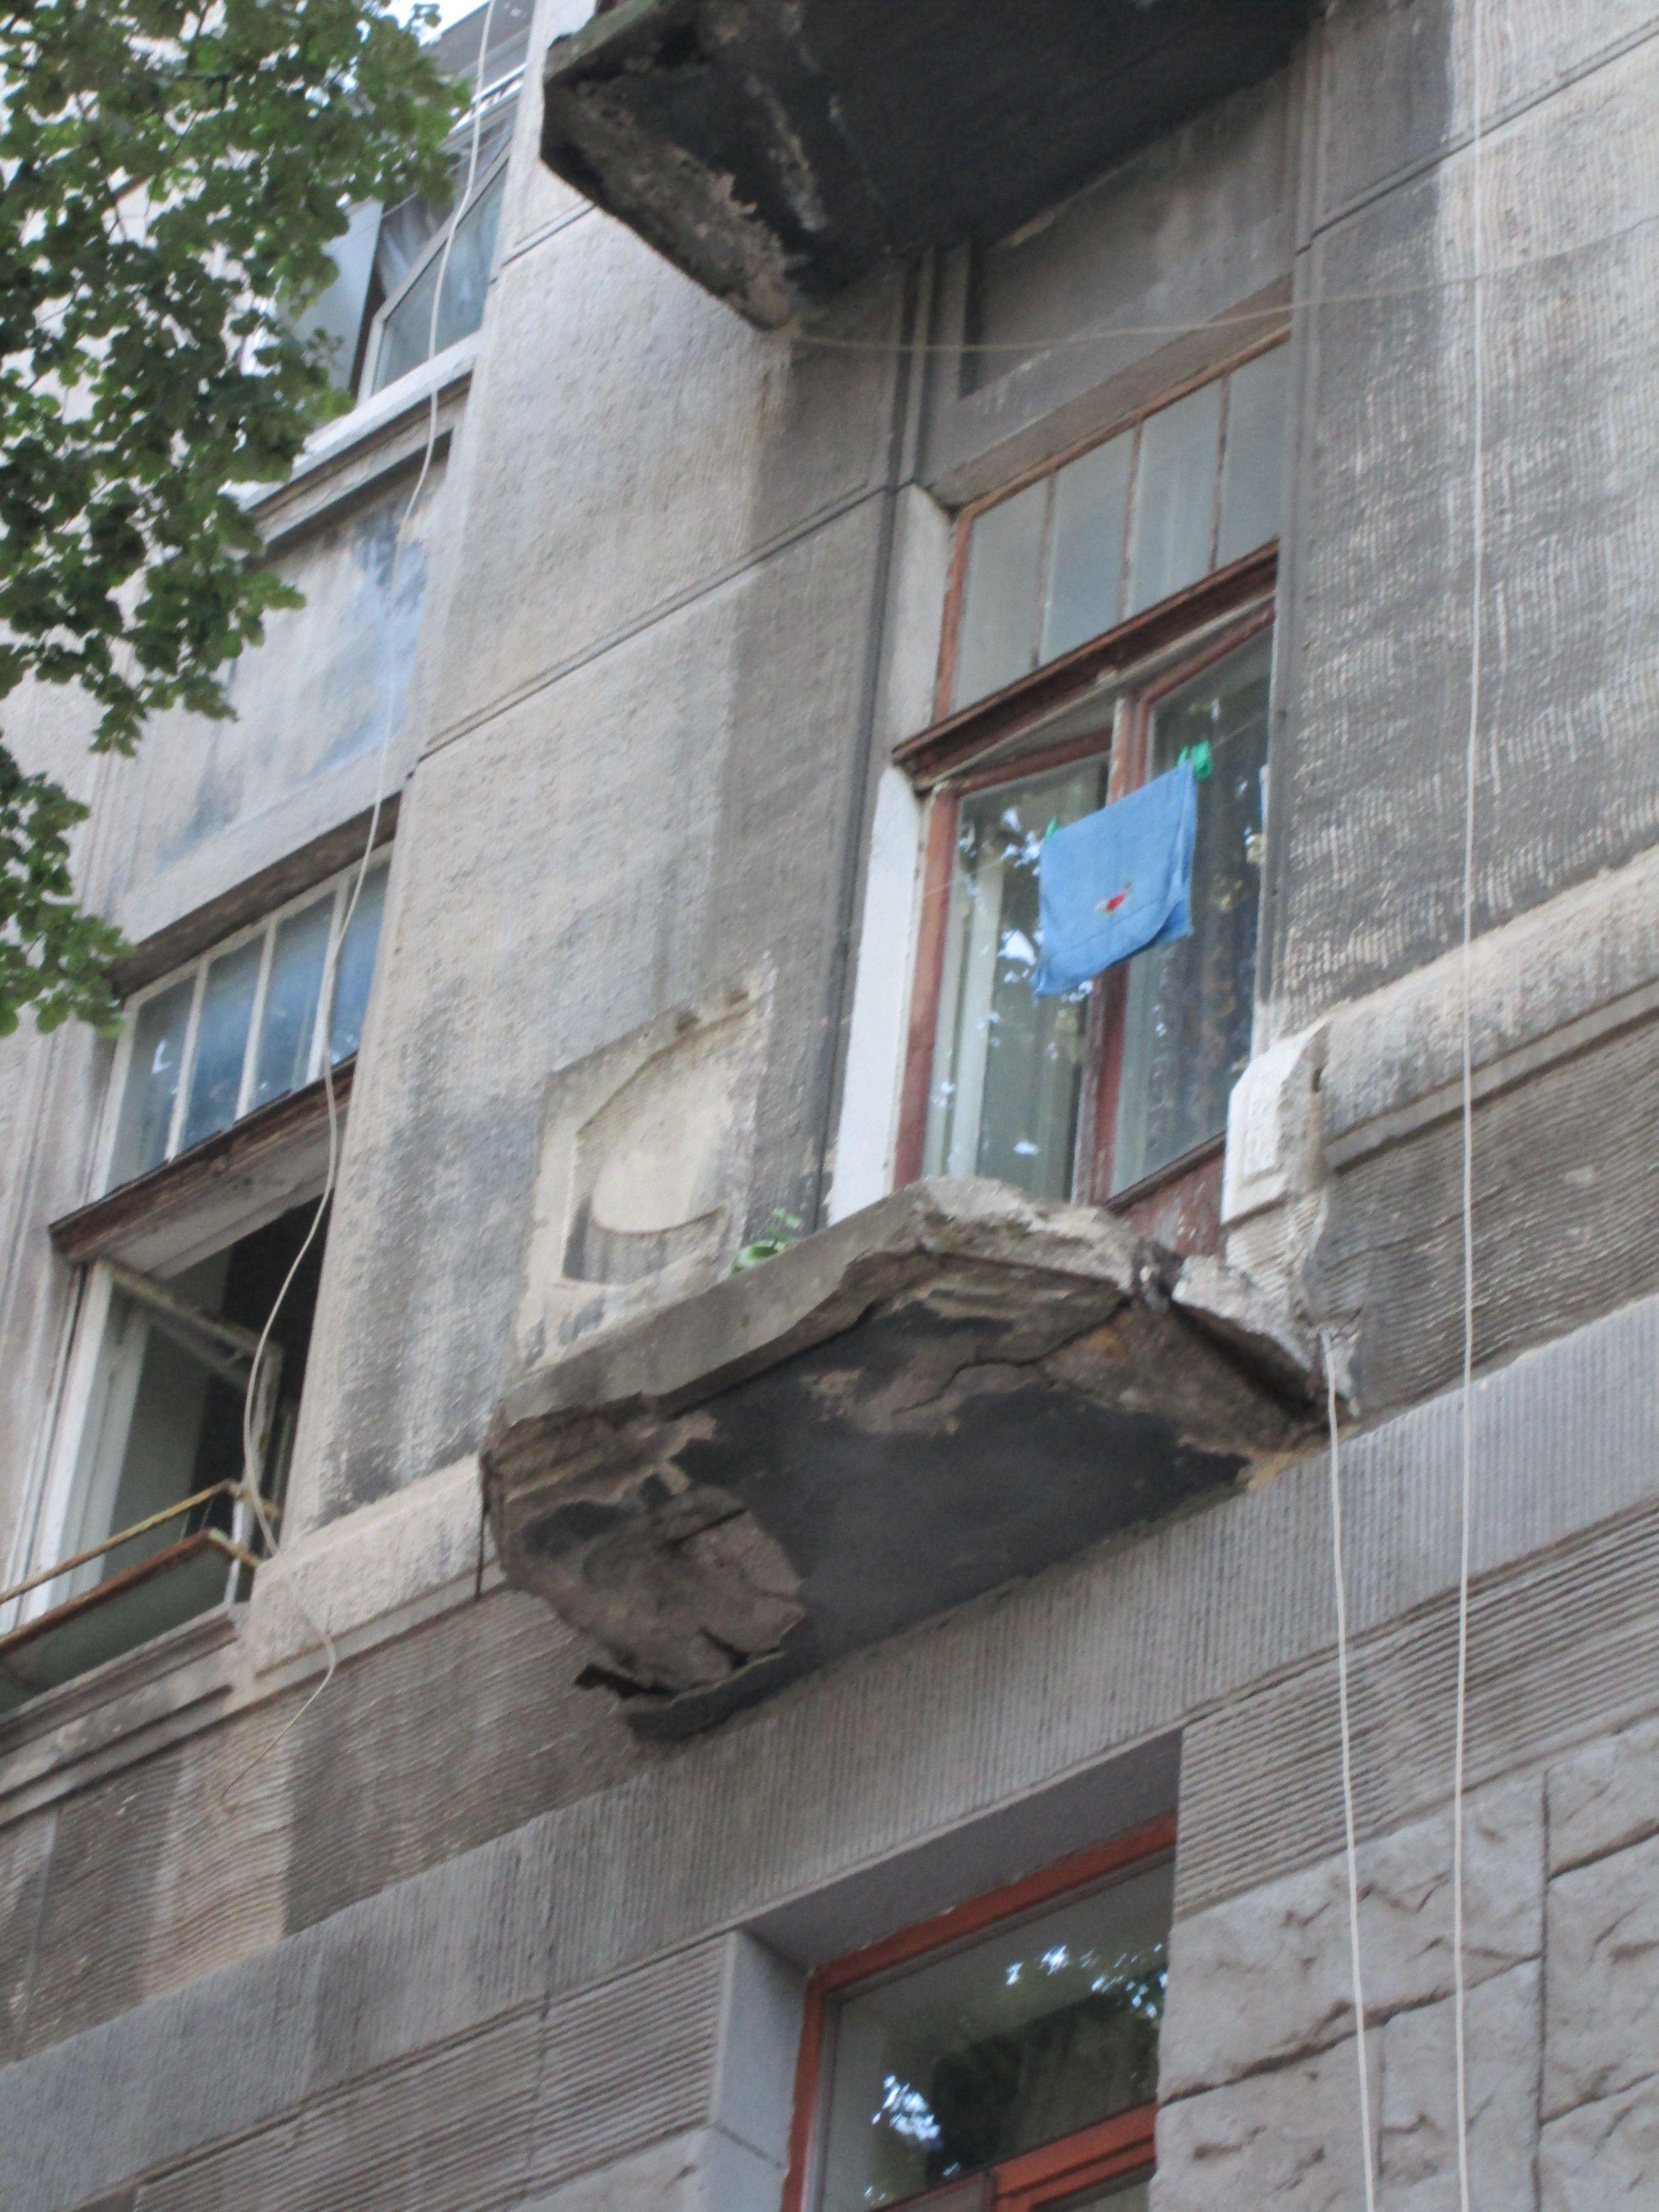 Ремонтируем балкон по правилам - город - новости одессы и од.